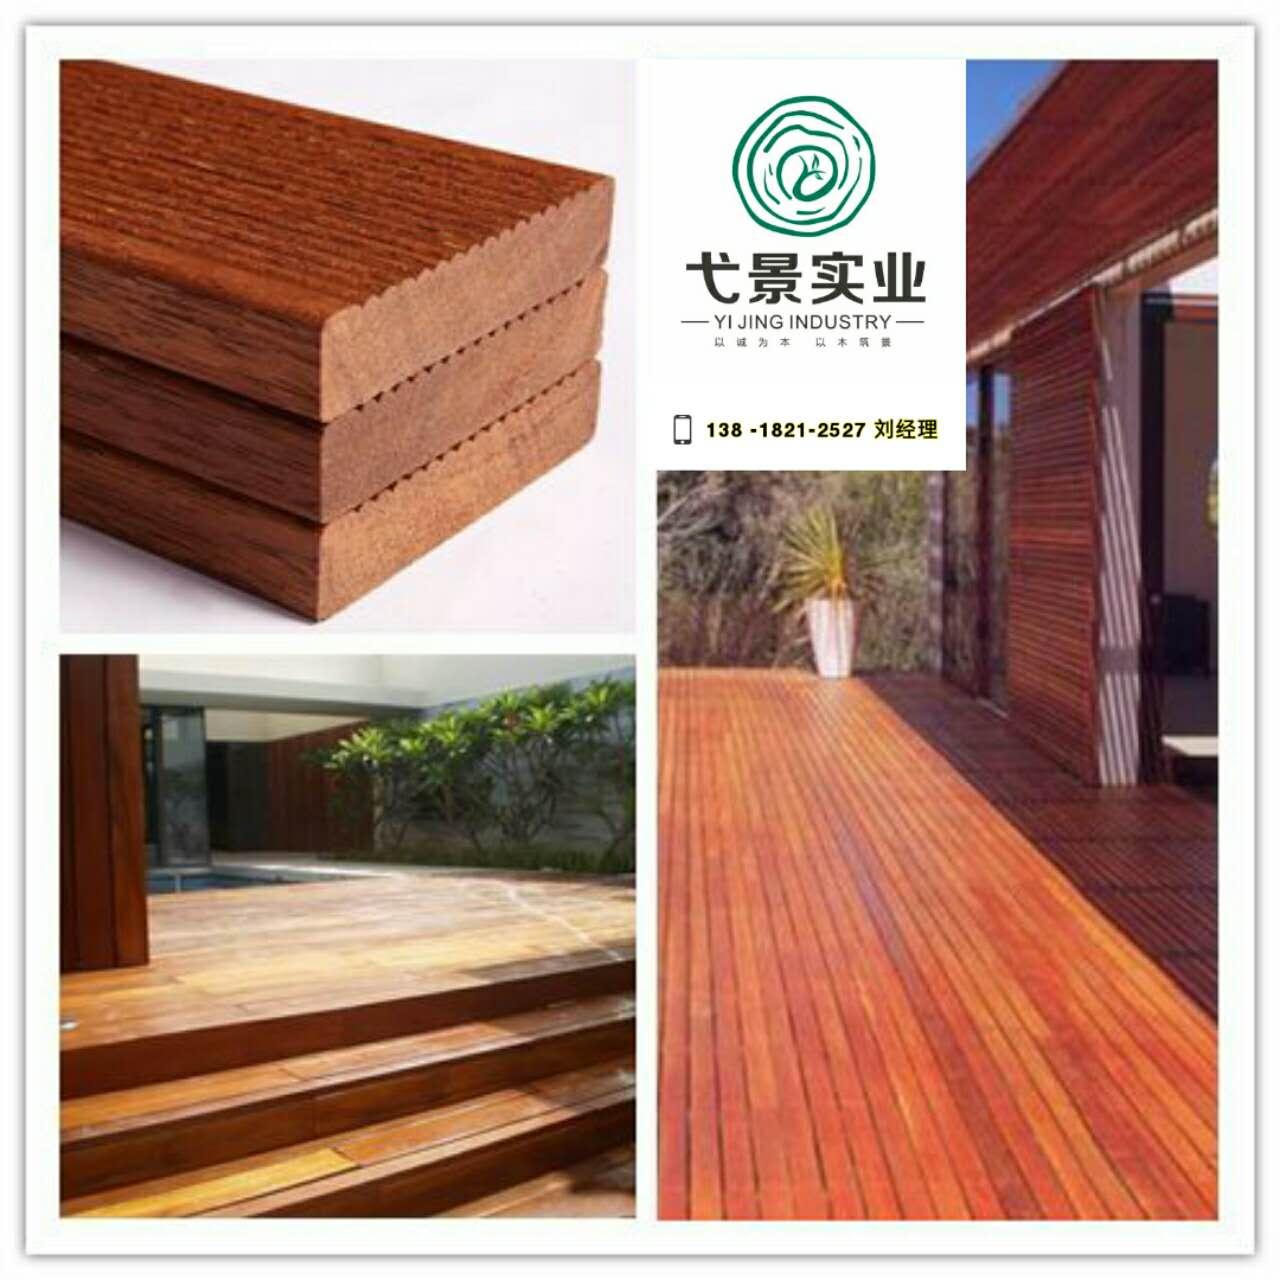 澳洲贾拉木板材 贾拉木景观防腐木 贾拉木信息 上海弋